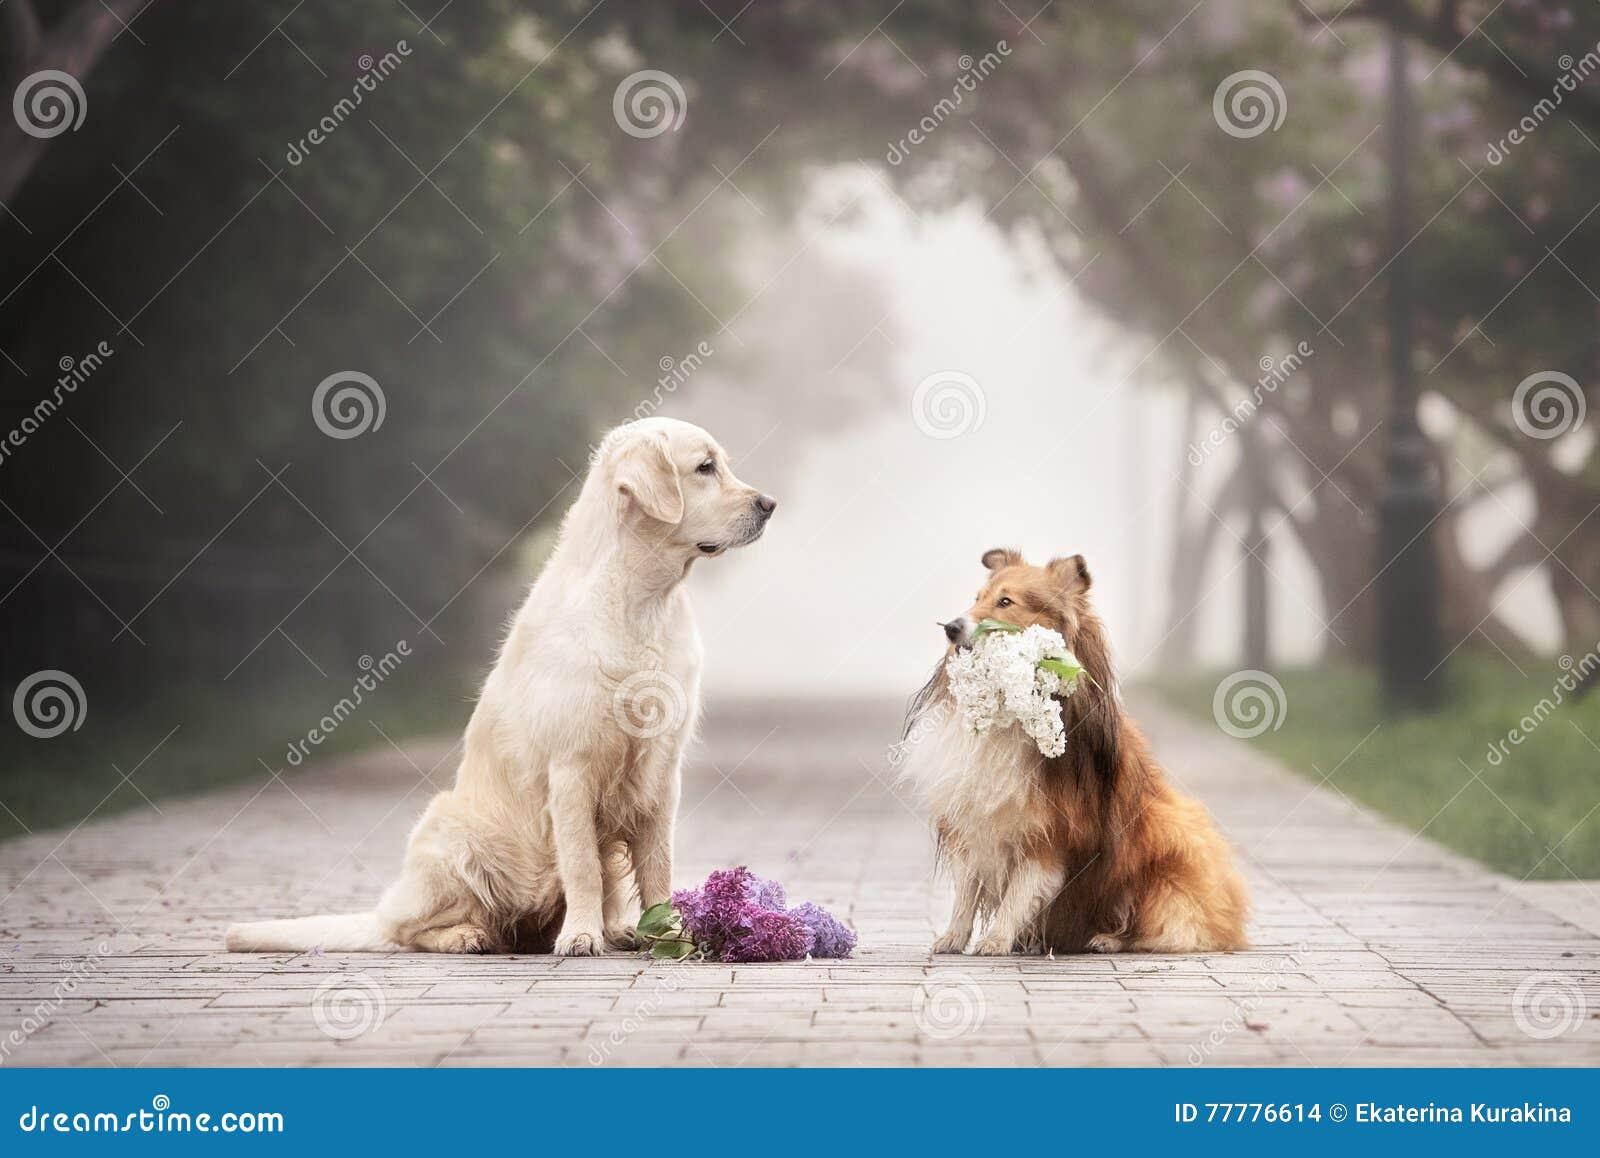 Het liefdeverhaal van twee honden